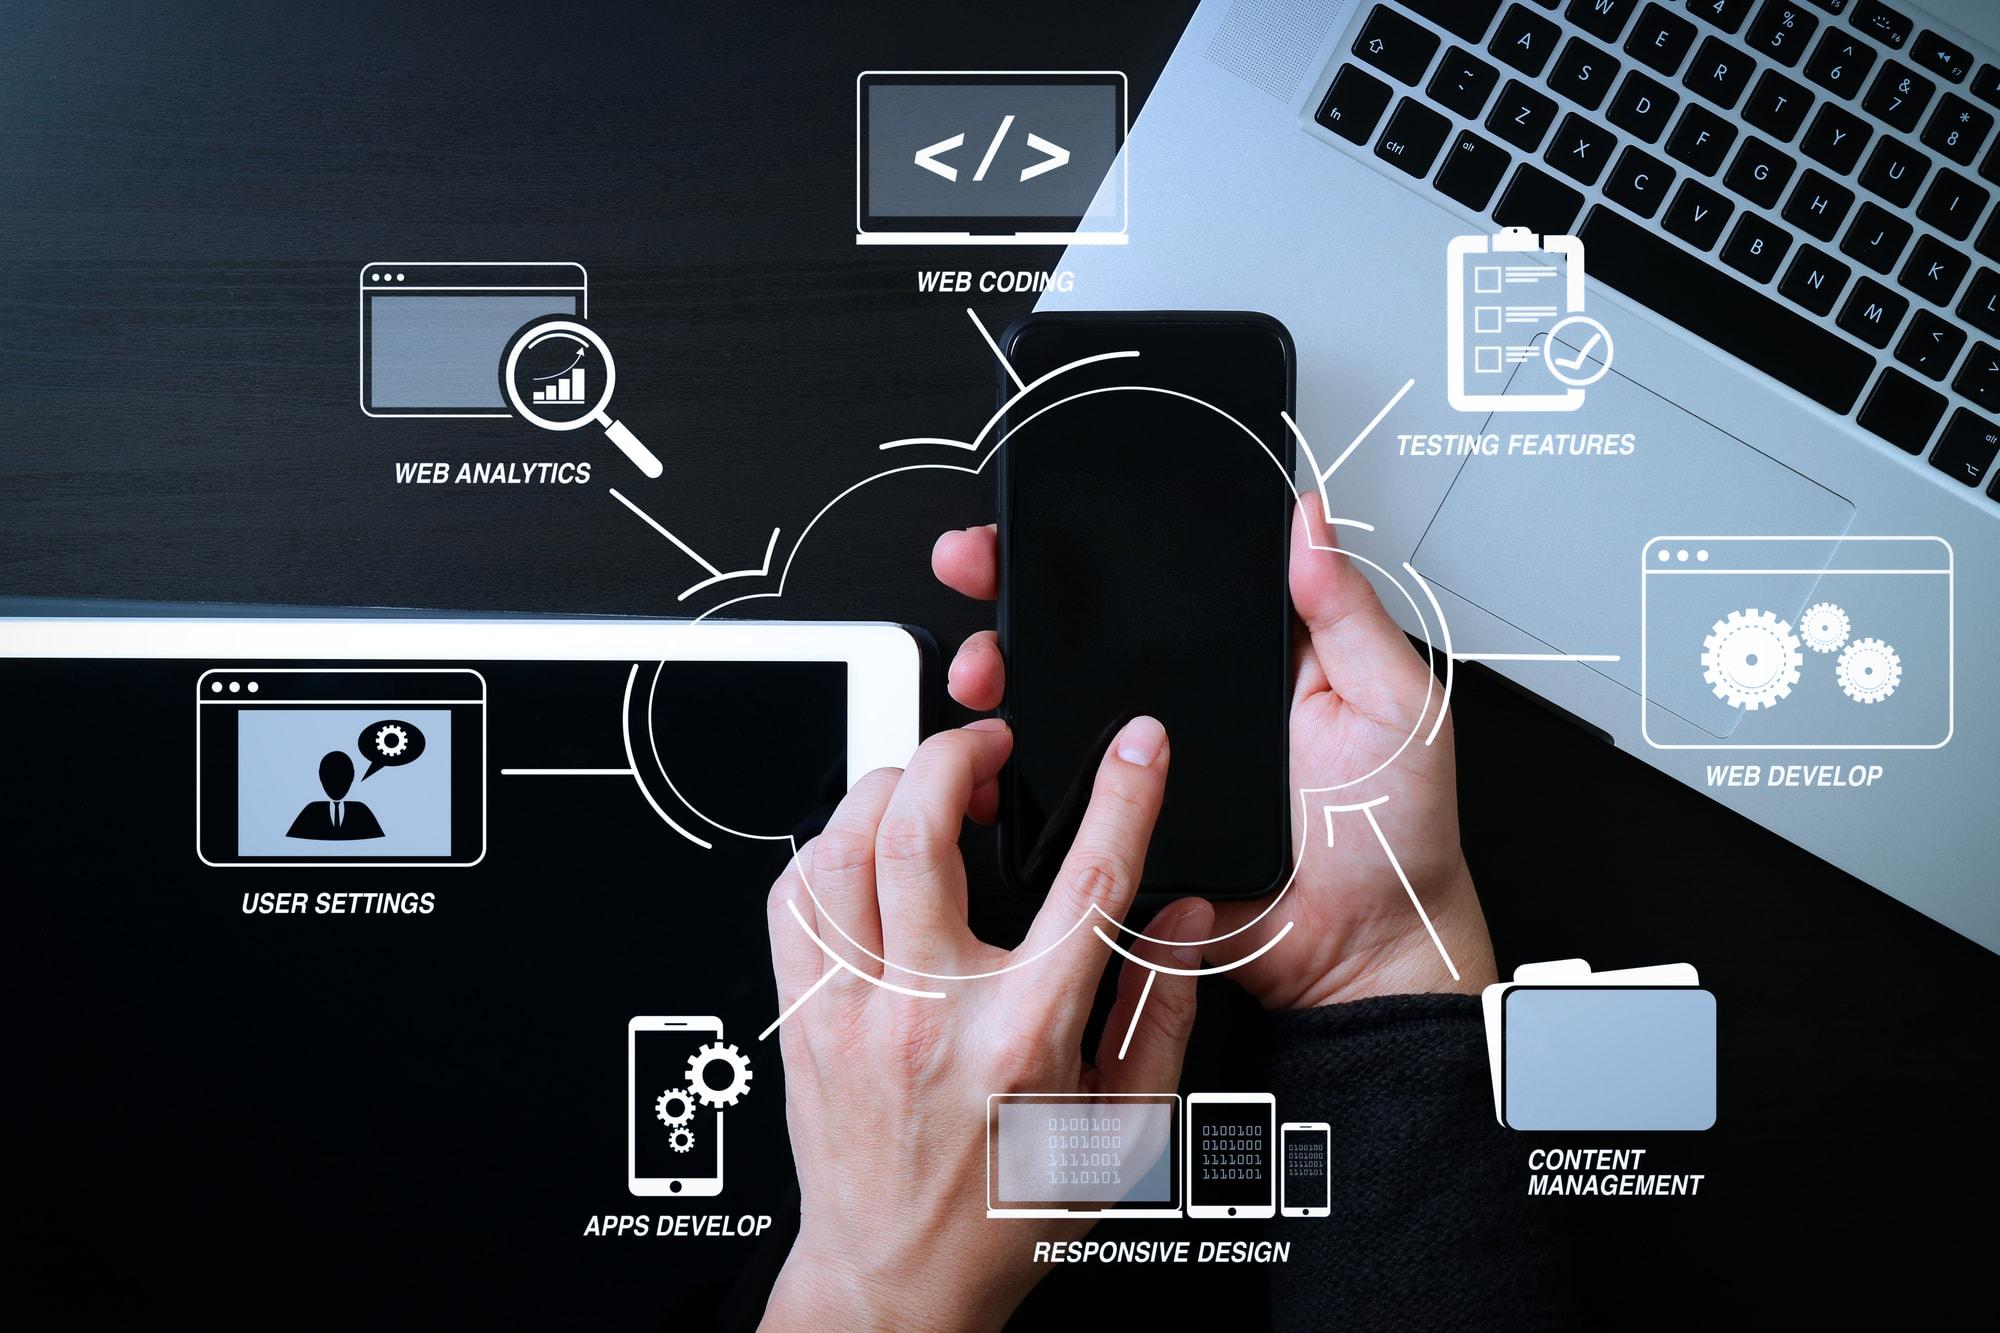 App Entwicklung 5 Schritte